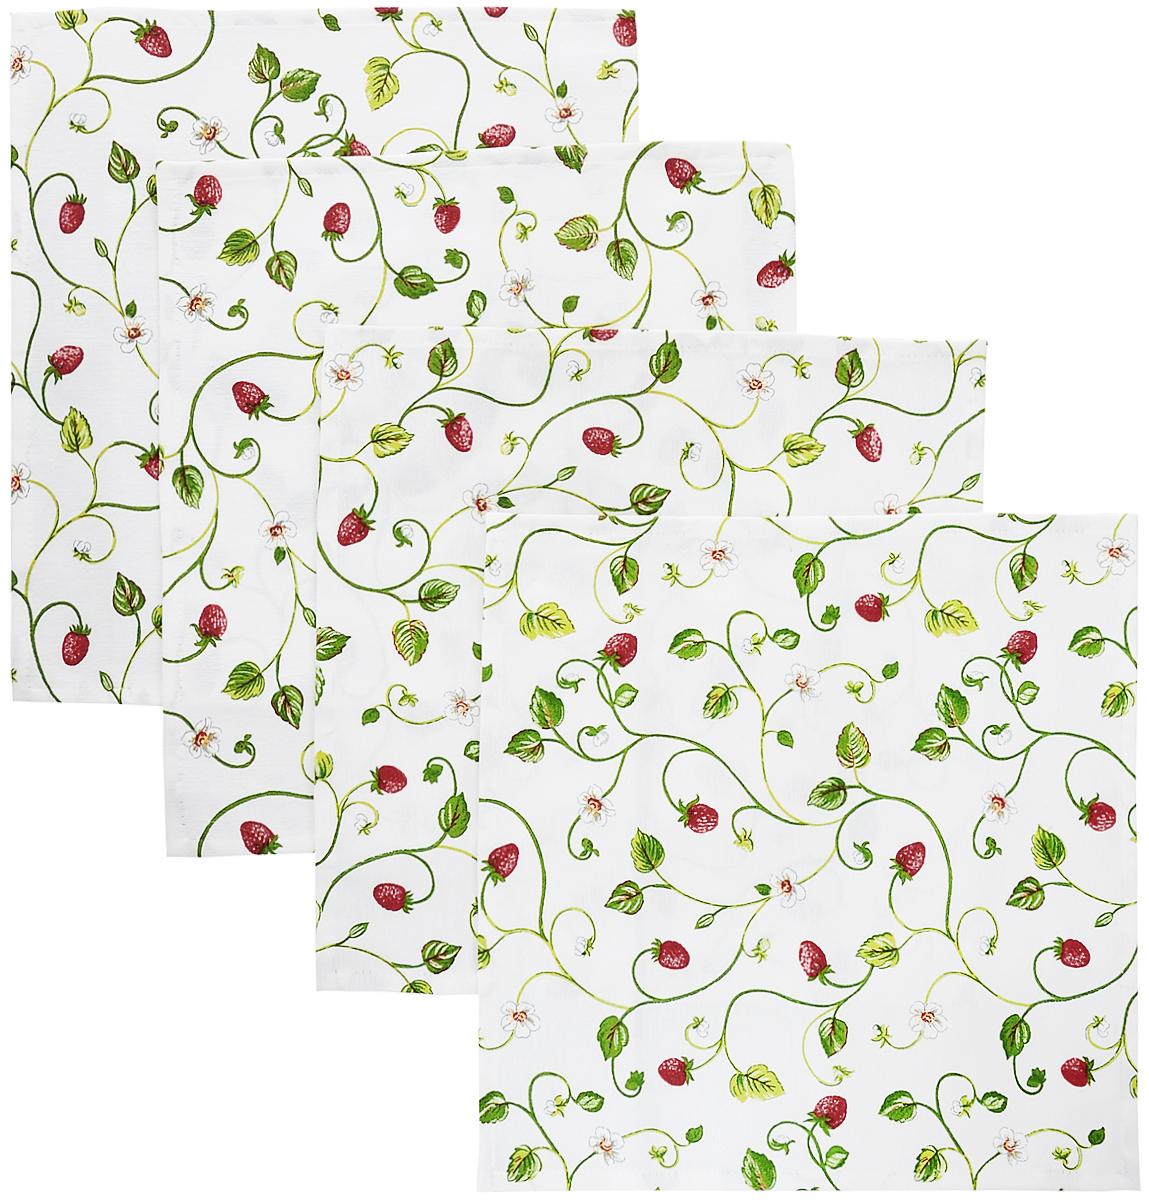 Набор сервировочных салфеток Kauffort Флора, 32 x 32 см, 4 шт3132098532Набор Kauffort Флора, изготовленный из 75% хлопка и 25% полиэстера, состоит из четырех сервировочных салфеток. Изделия имеют оригинальный дизайн. Салфетки защищают поверхность стола от воздействия температур, влаги и загрязнений, а также украшают интерьер. Размер салфетки: 32 х 32 см.